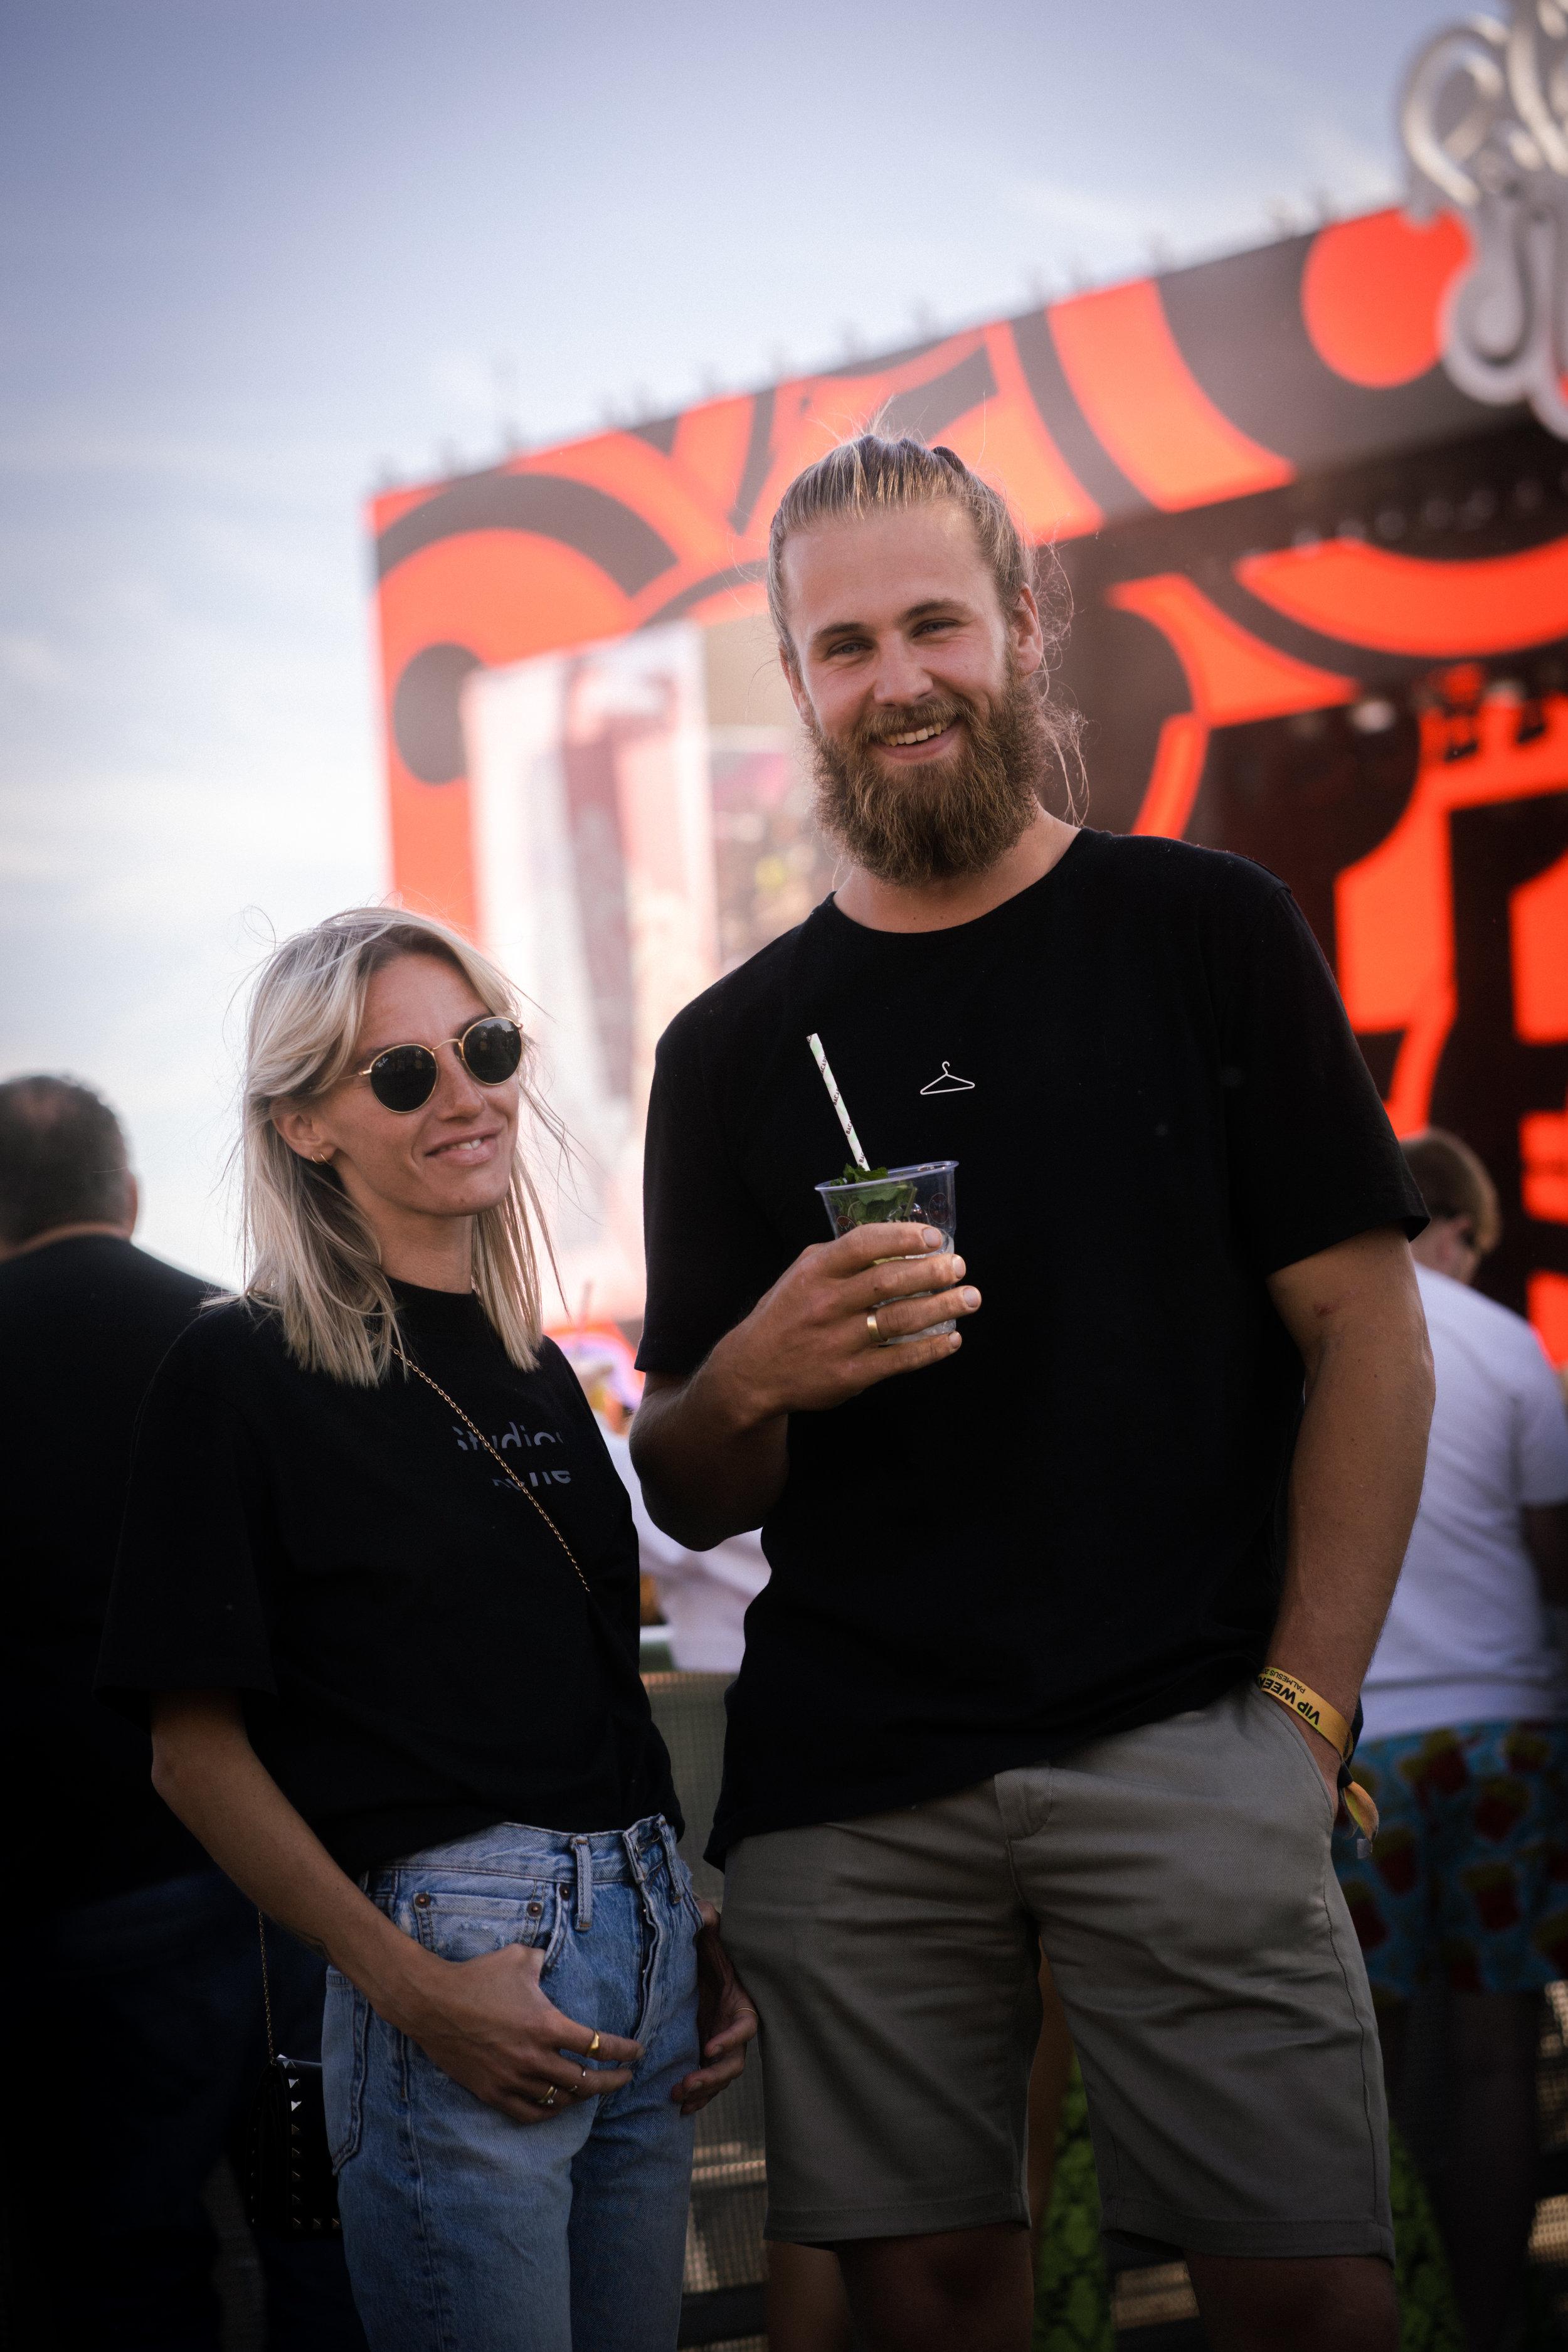 Michelle Grude    and husband    Stein Otto Sørensen    matching in black t-shirts! Photo: Sander Berhus / Estér Magazine.